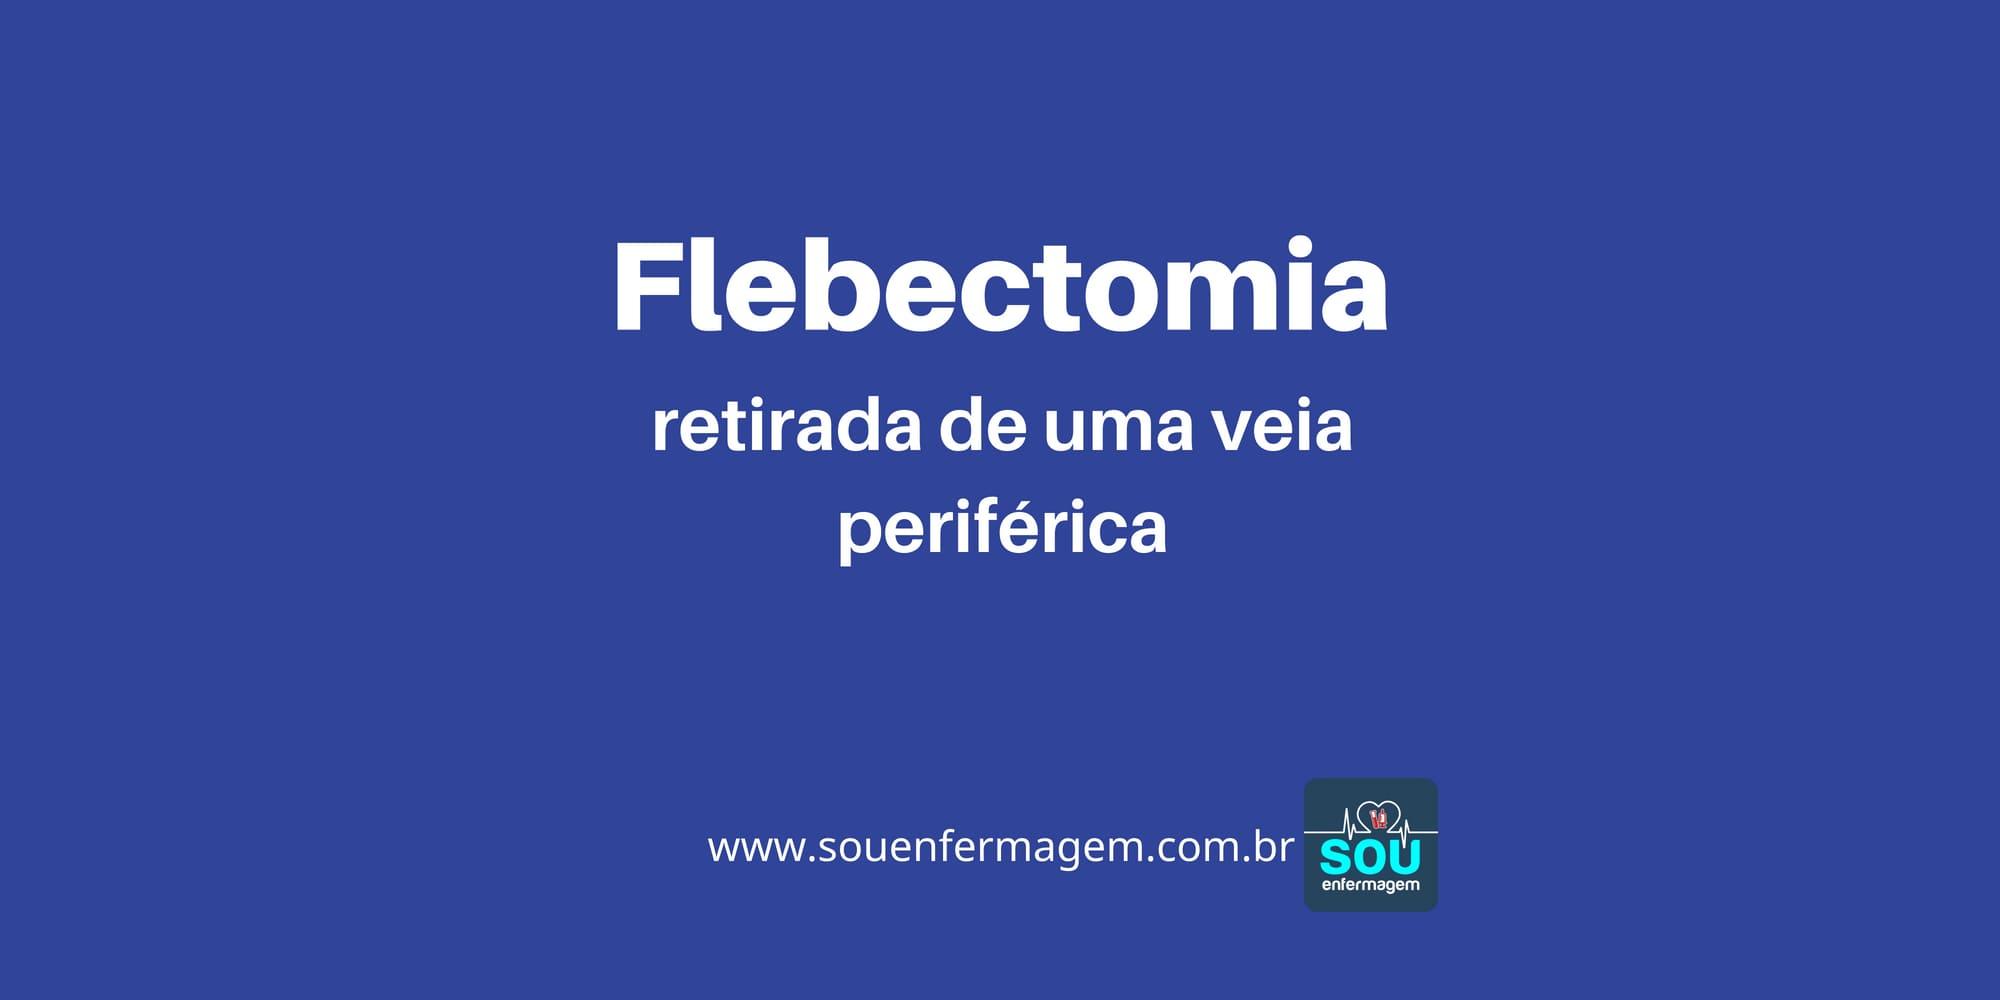 Flebectomia.jpg